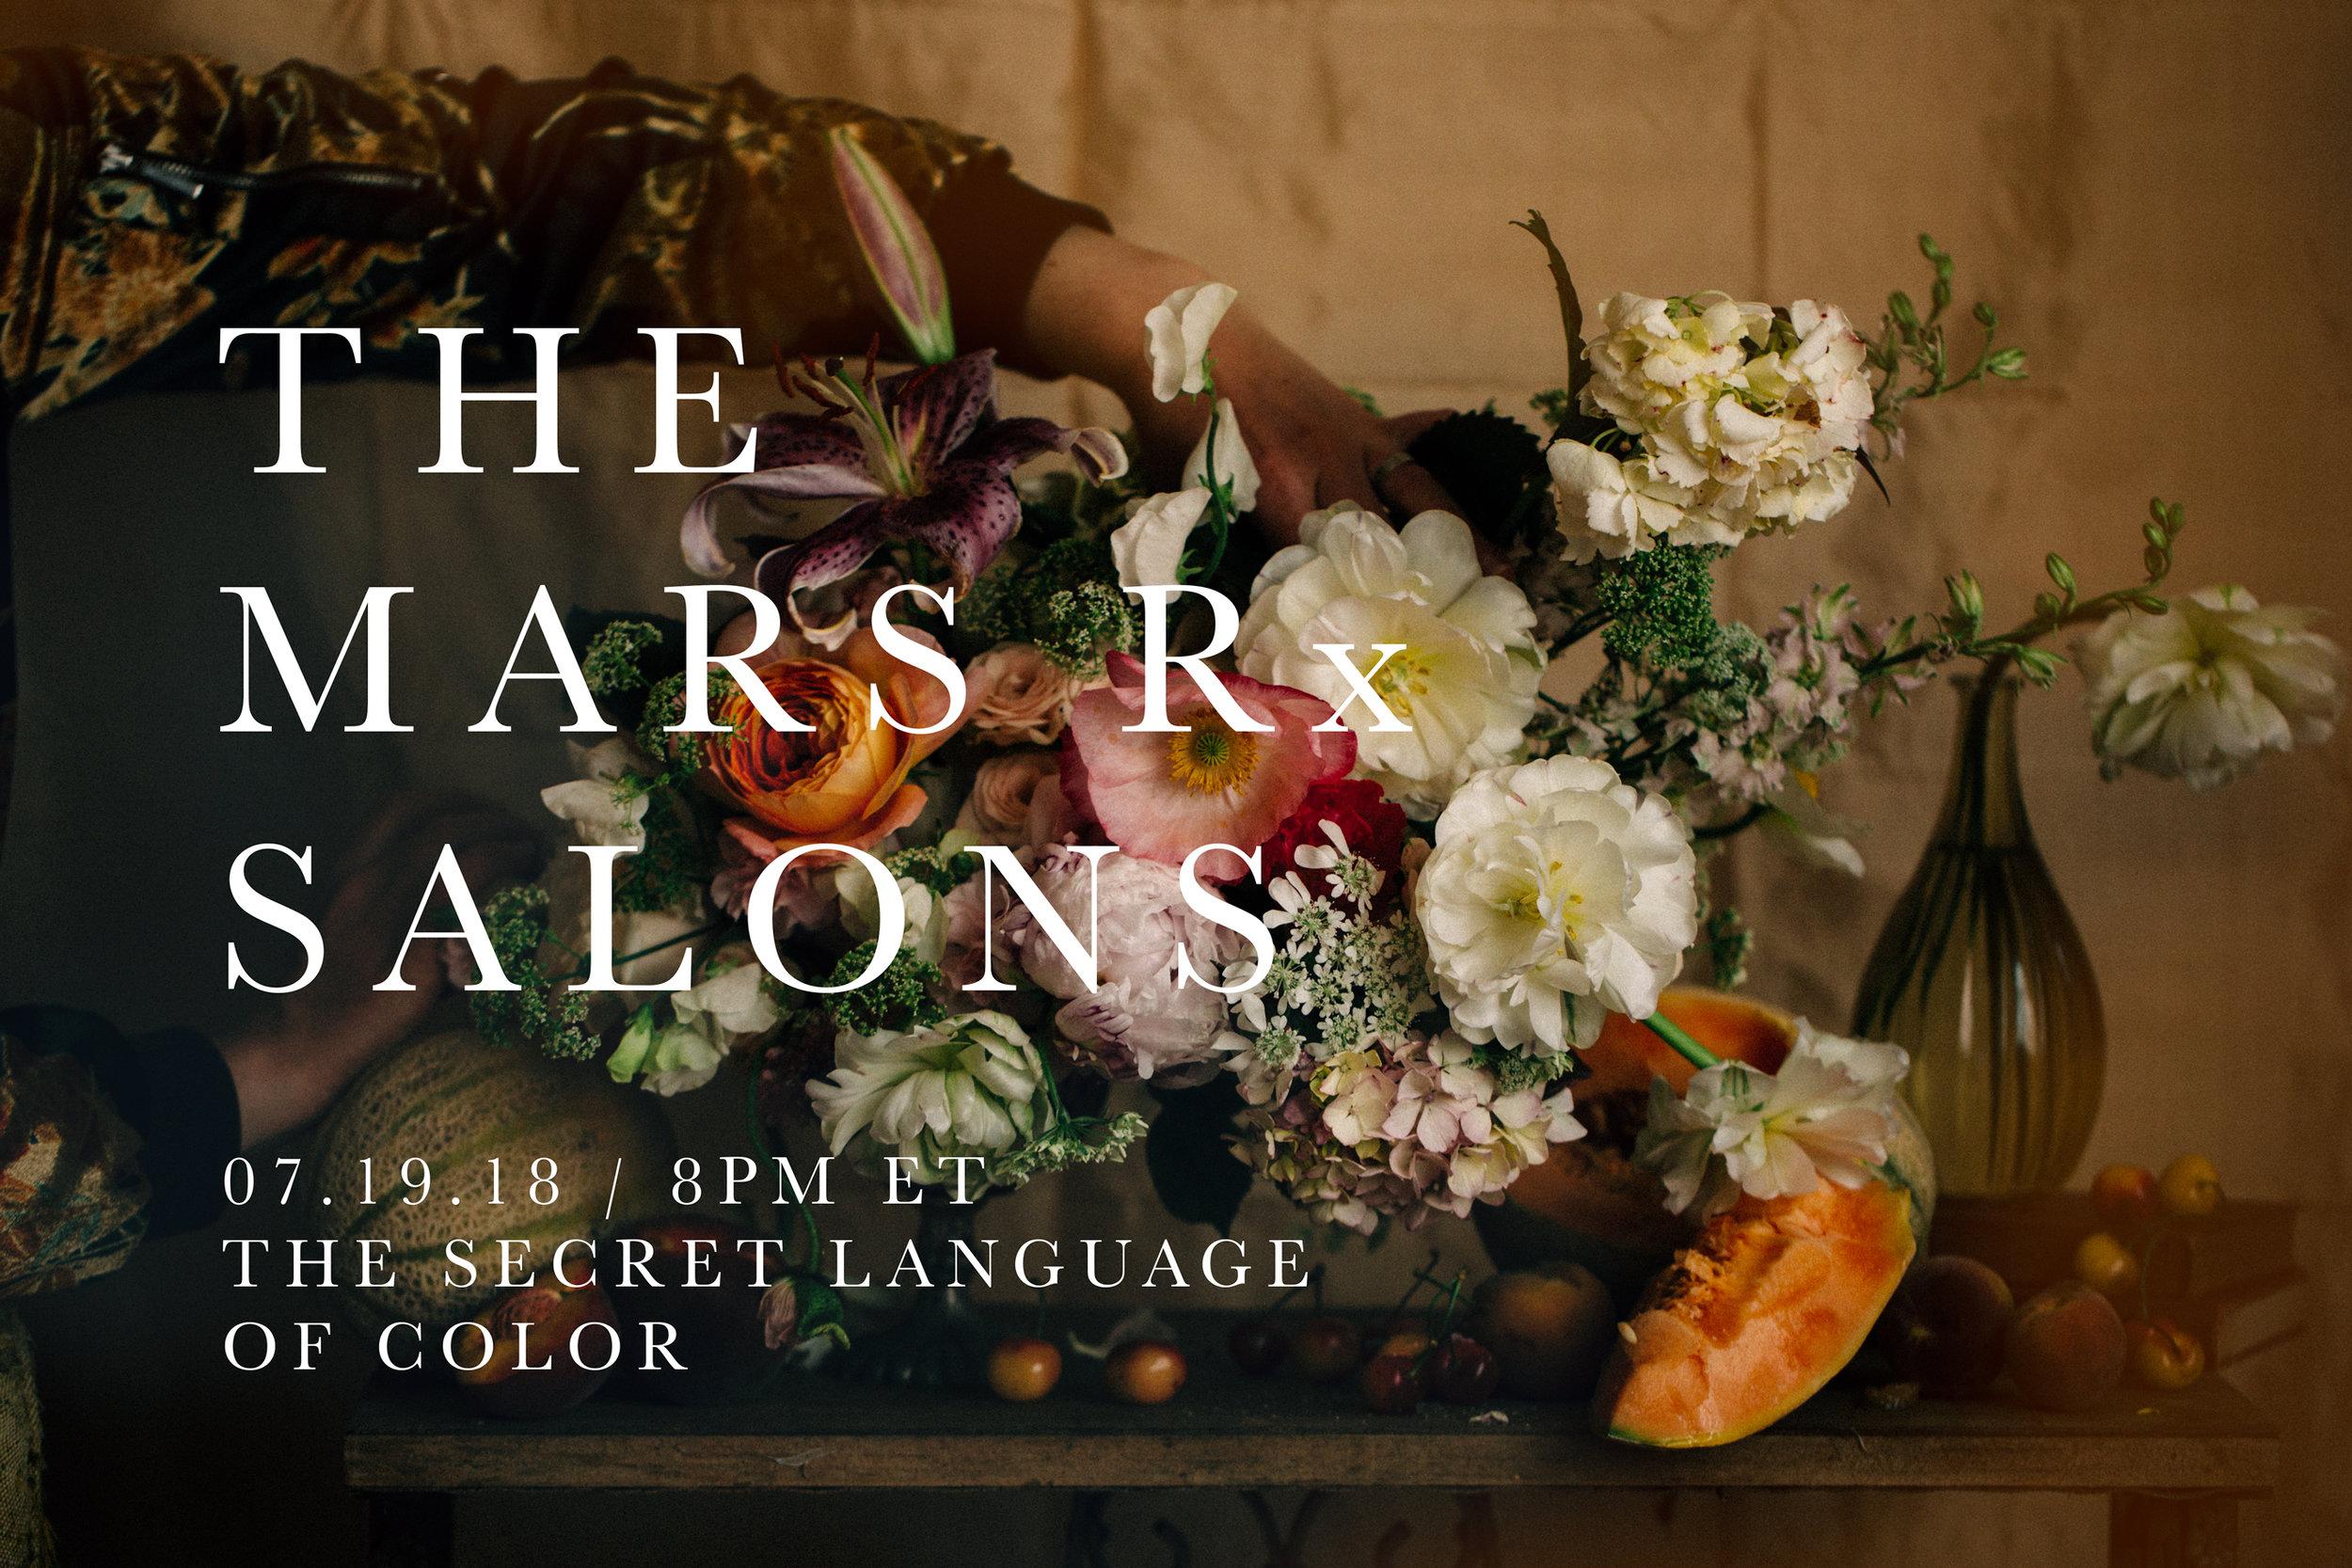 Tierney-Mars-Rx-Salon-The-Secret-Language-of-Color.jpg